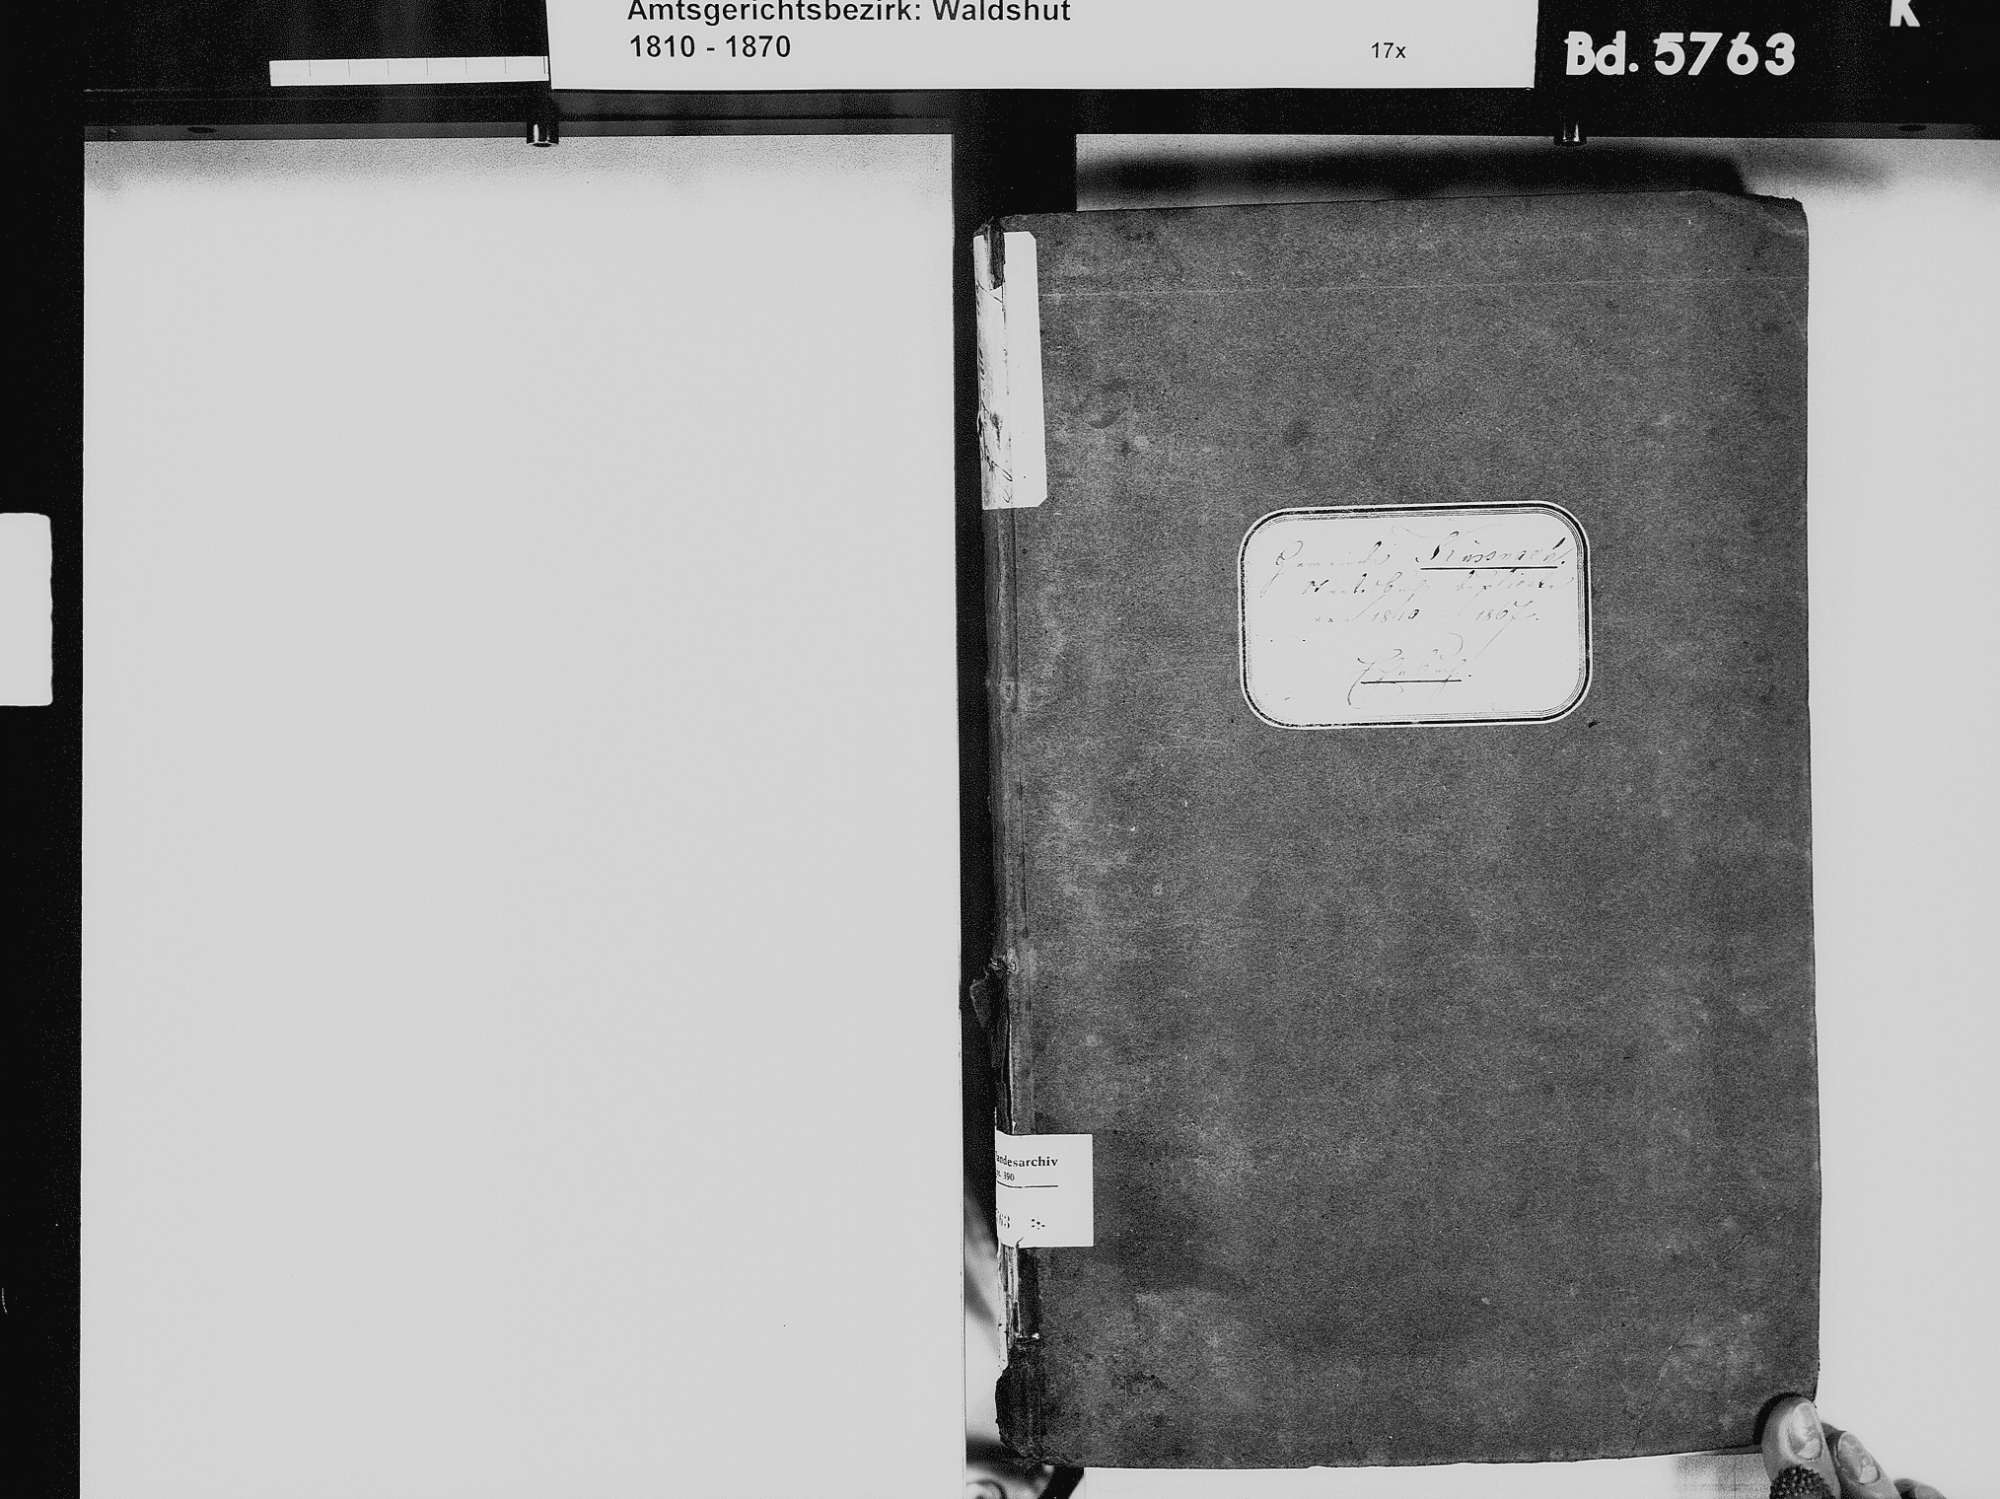 Küßnach, Küssaberg WT; Katholische Gemeinde: Heiratsbuch 1810-1869 Küßnach, Küssaberg WT; Katholische Gemeinde: Sterbebuch 18234, 1836, Bild 3